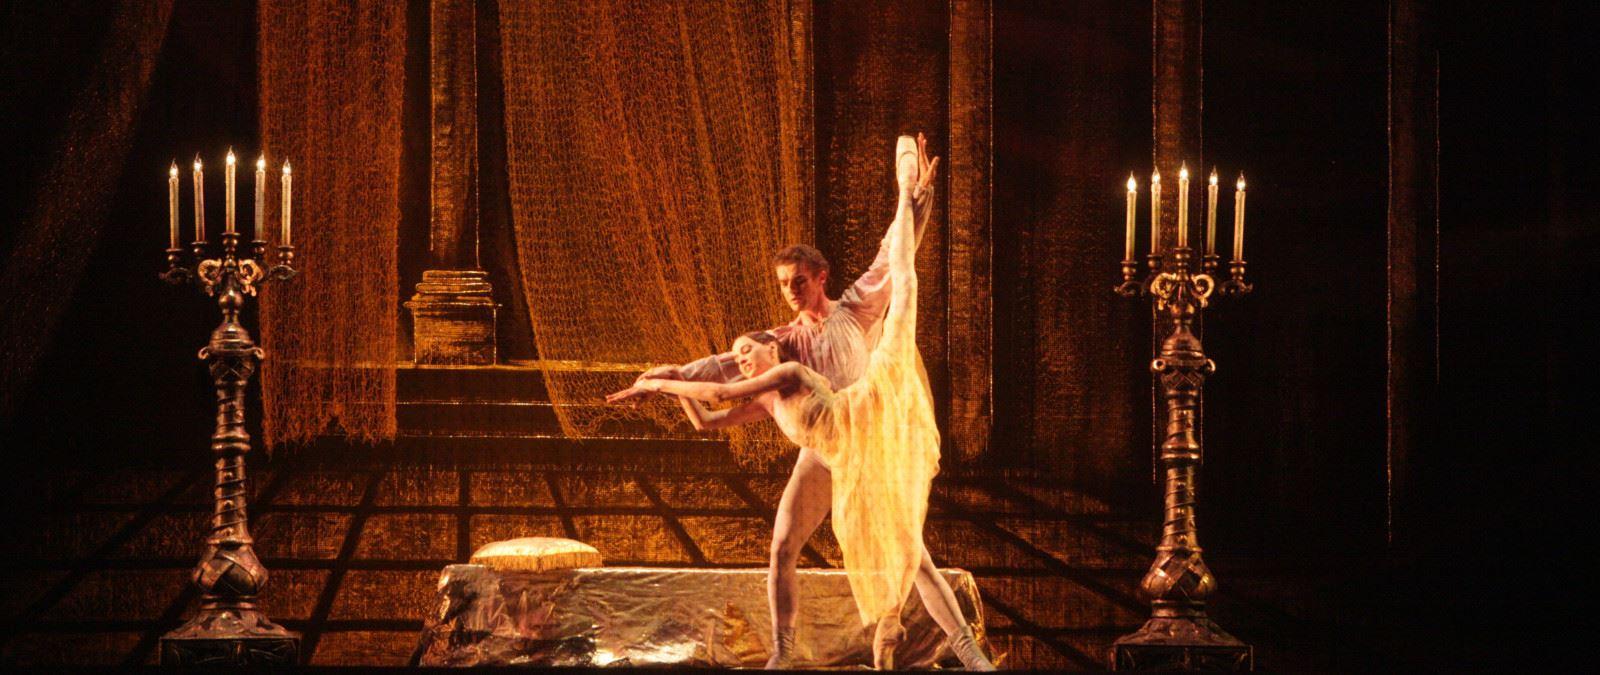 Bolsojteatern - Romeo och Julia